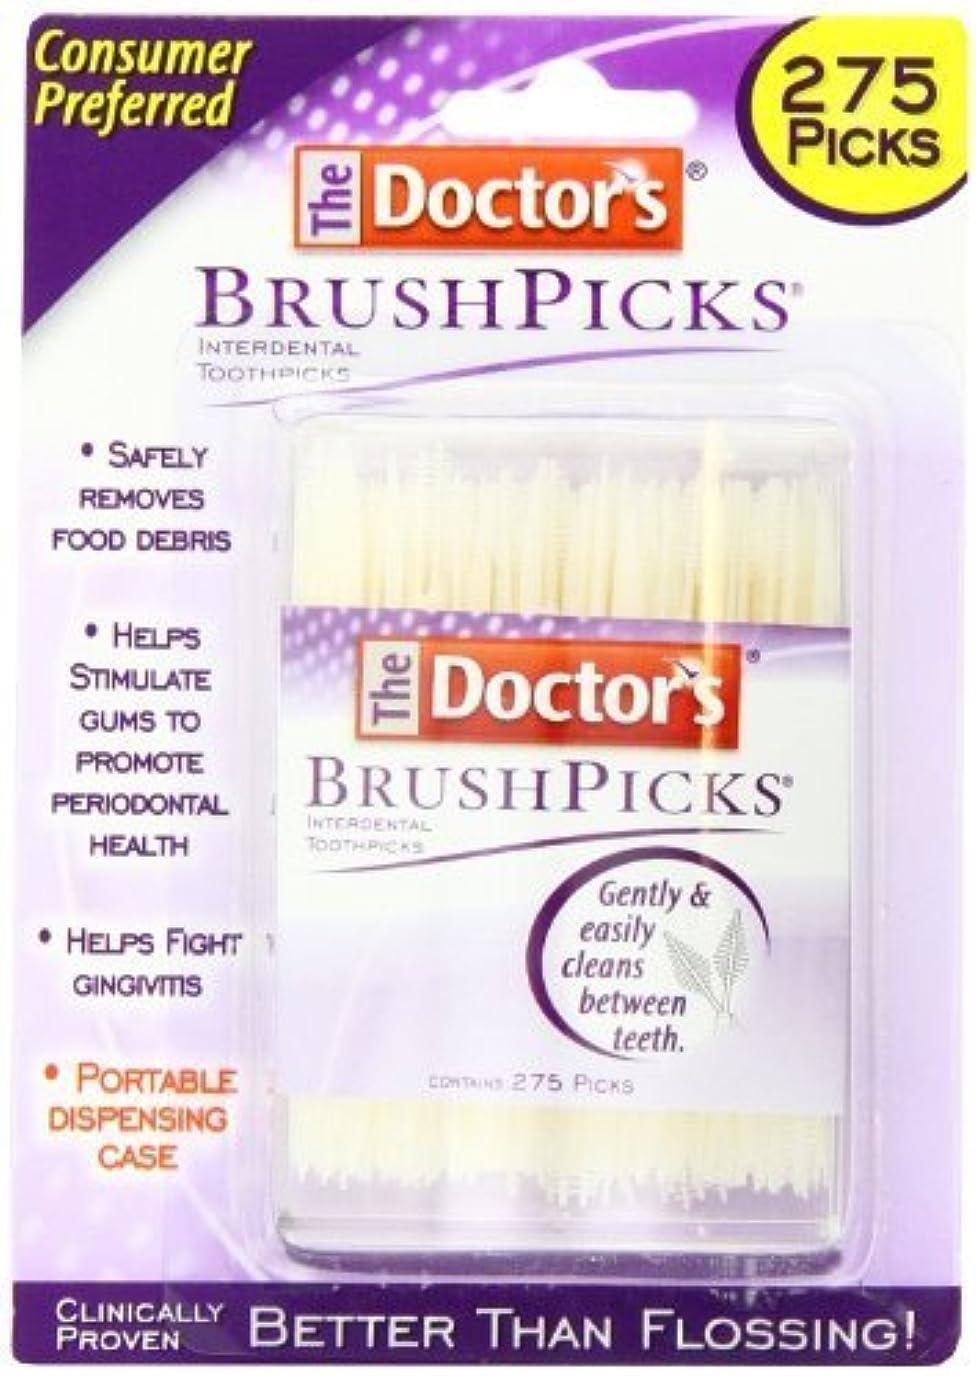 起こる赤ちゃん氏ドクターズ ブラシピックス 275カウント x 2パック Doctor's Brushpicks, 275 Count (Pack of 2) by The Doctors [並行輸入品]